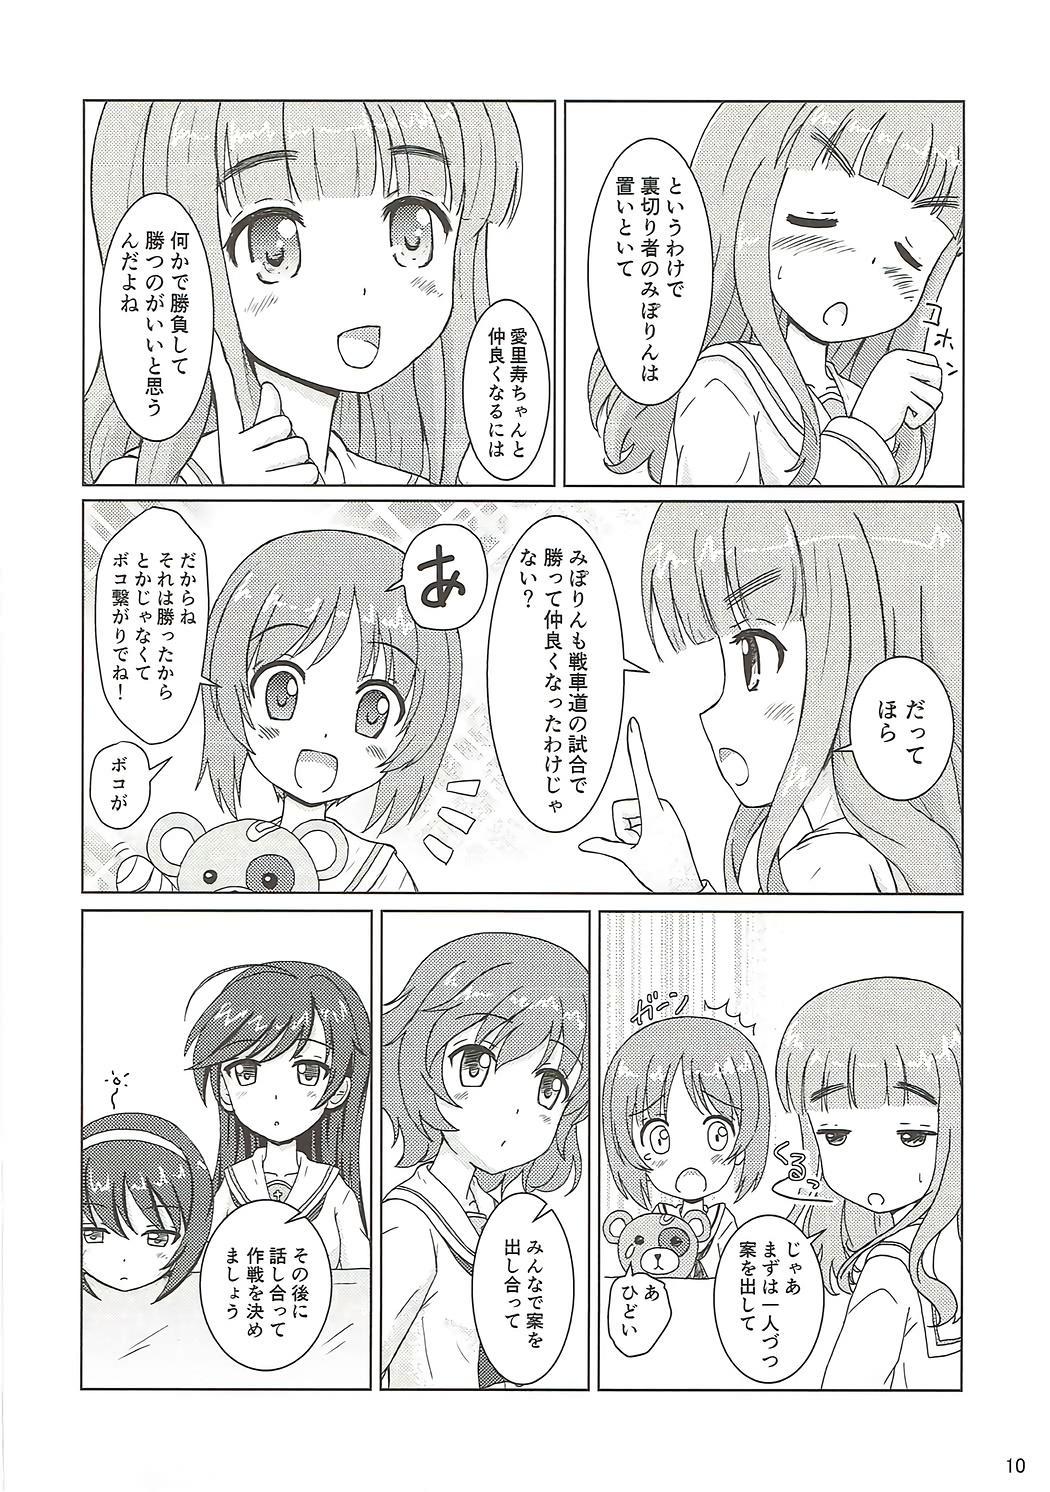 Dainiji Arisu-chan Kouryaku Daisakusen desu 8